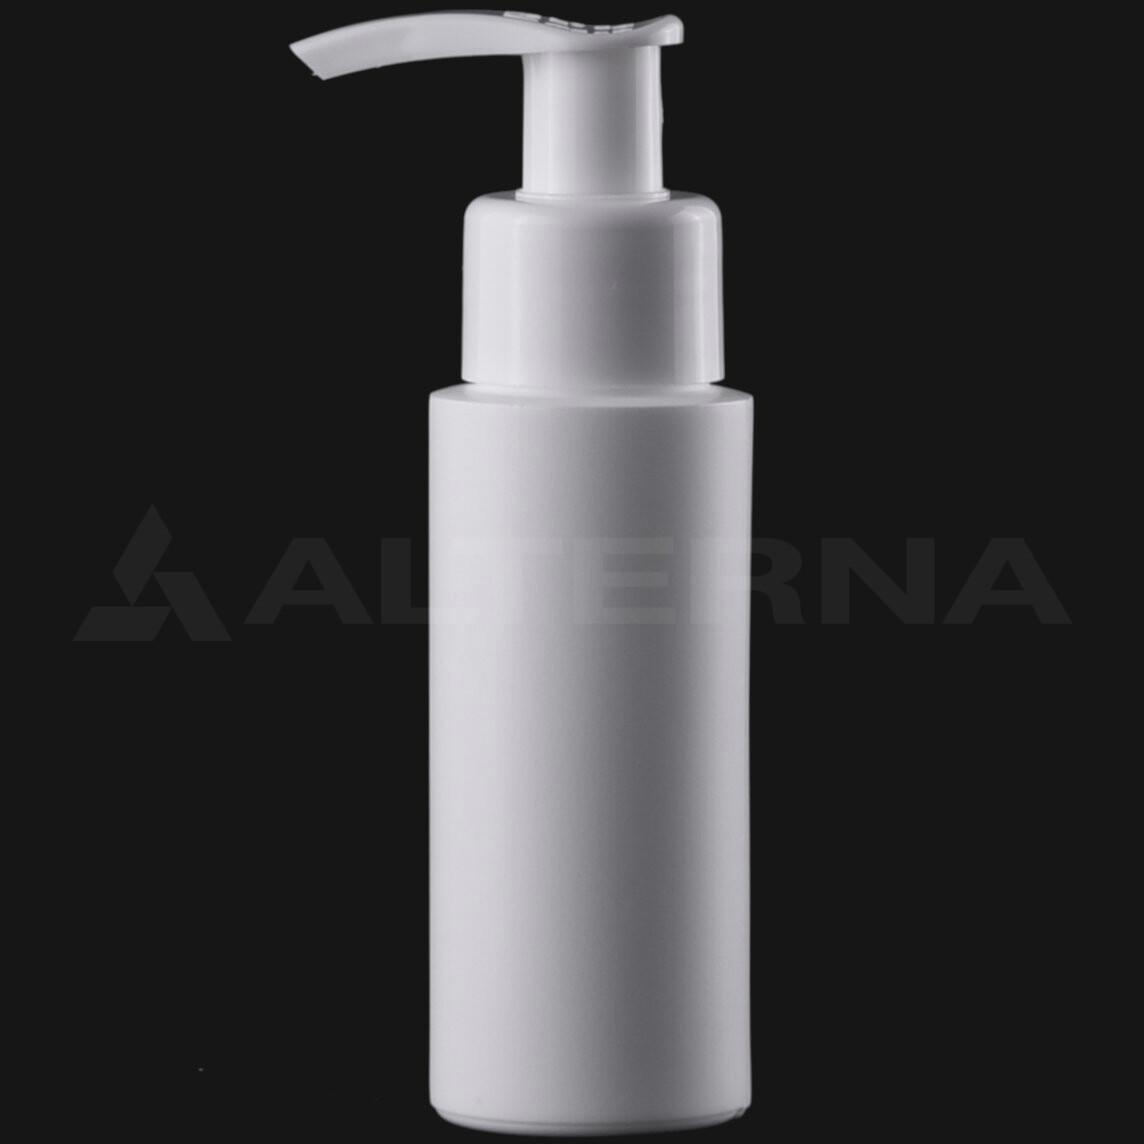 50 ml HDPE Bottle with 24 mm Pump Dispenser